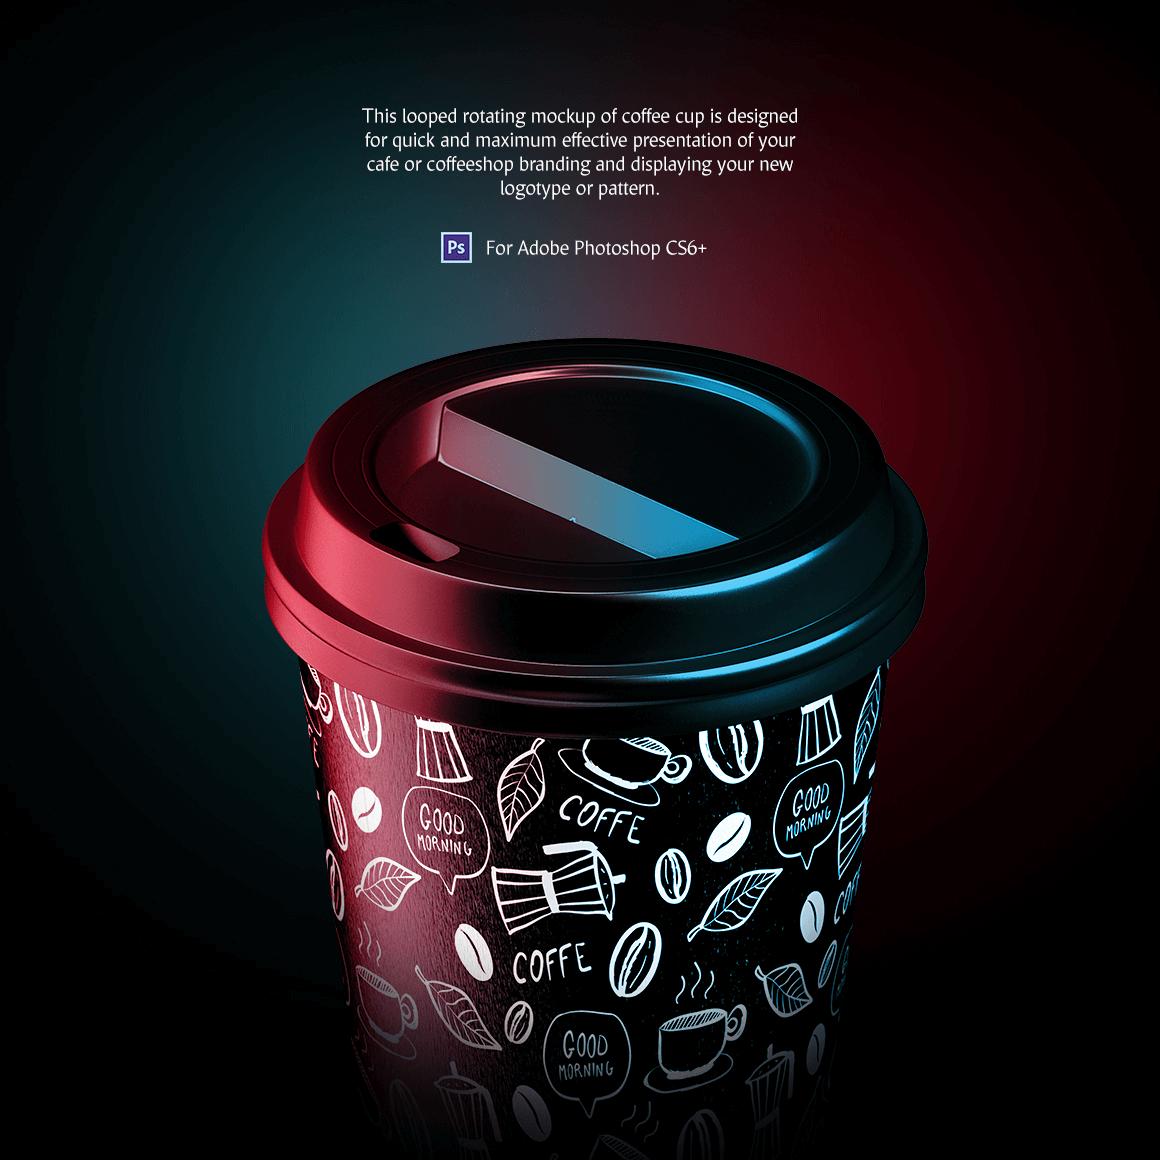 PSD мокап кофе